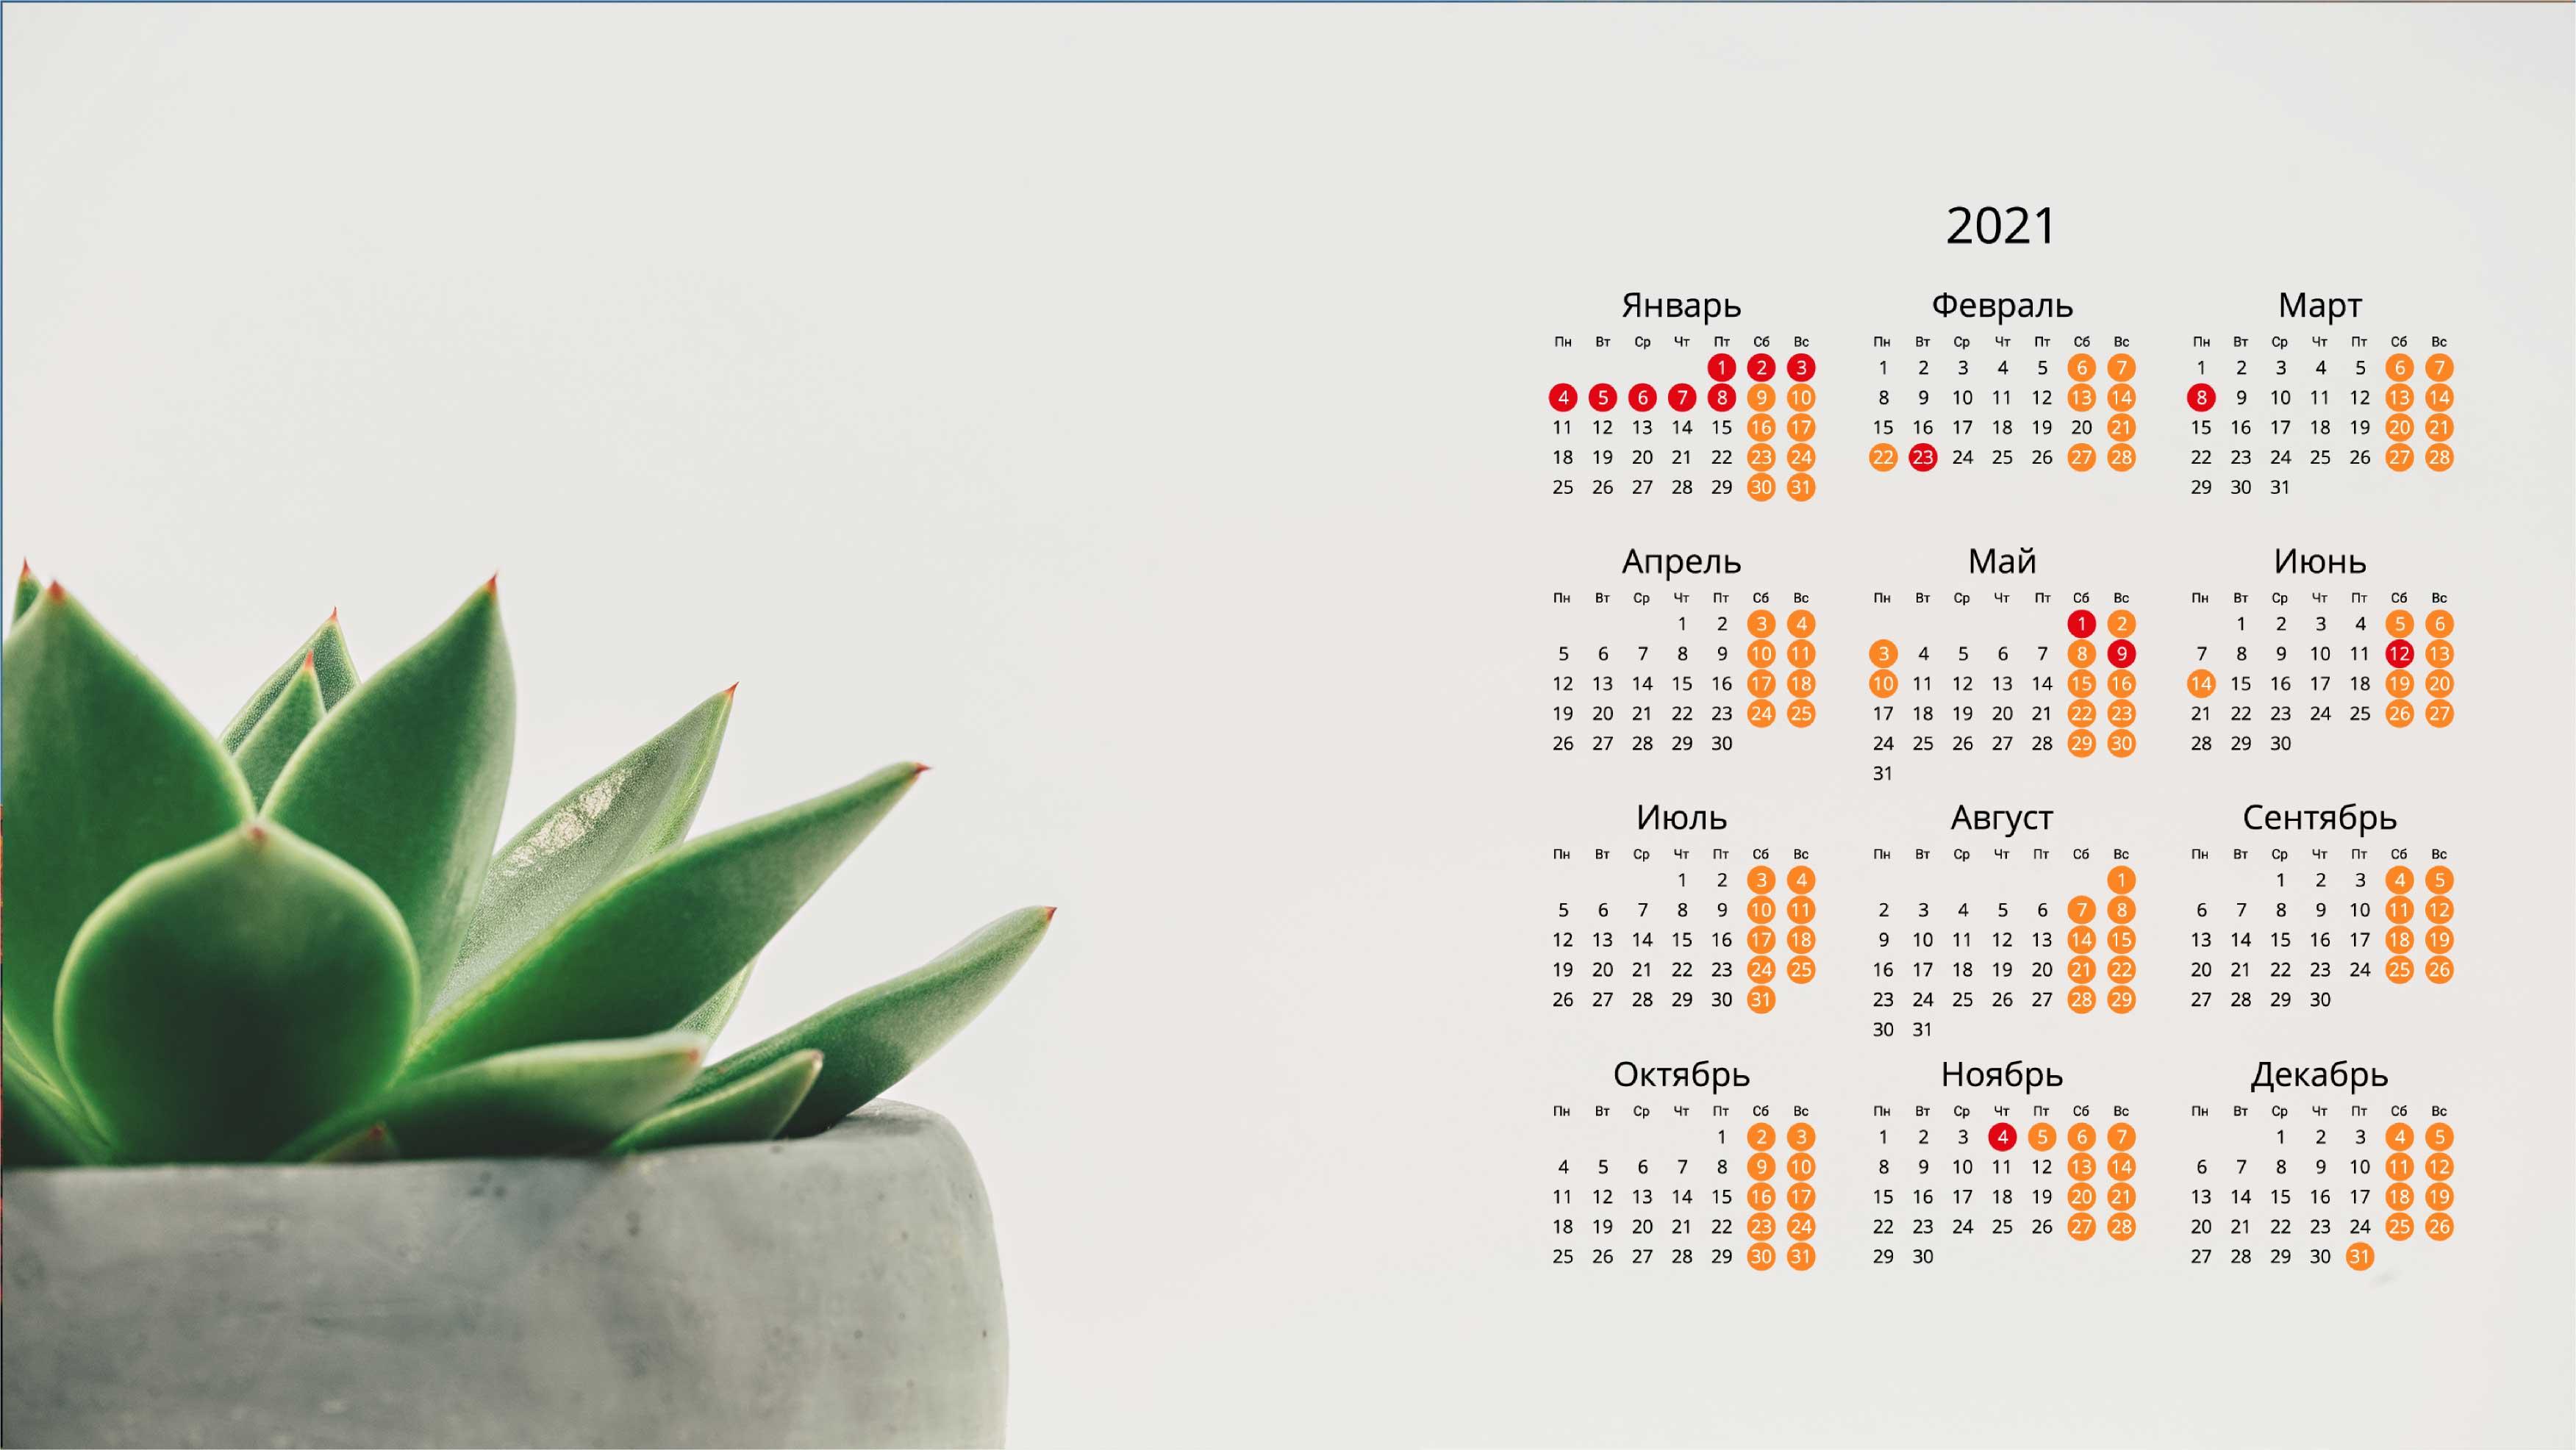 Обои на рабочий стол с календарем 2021 года (15)